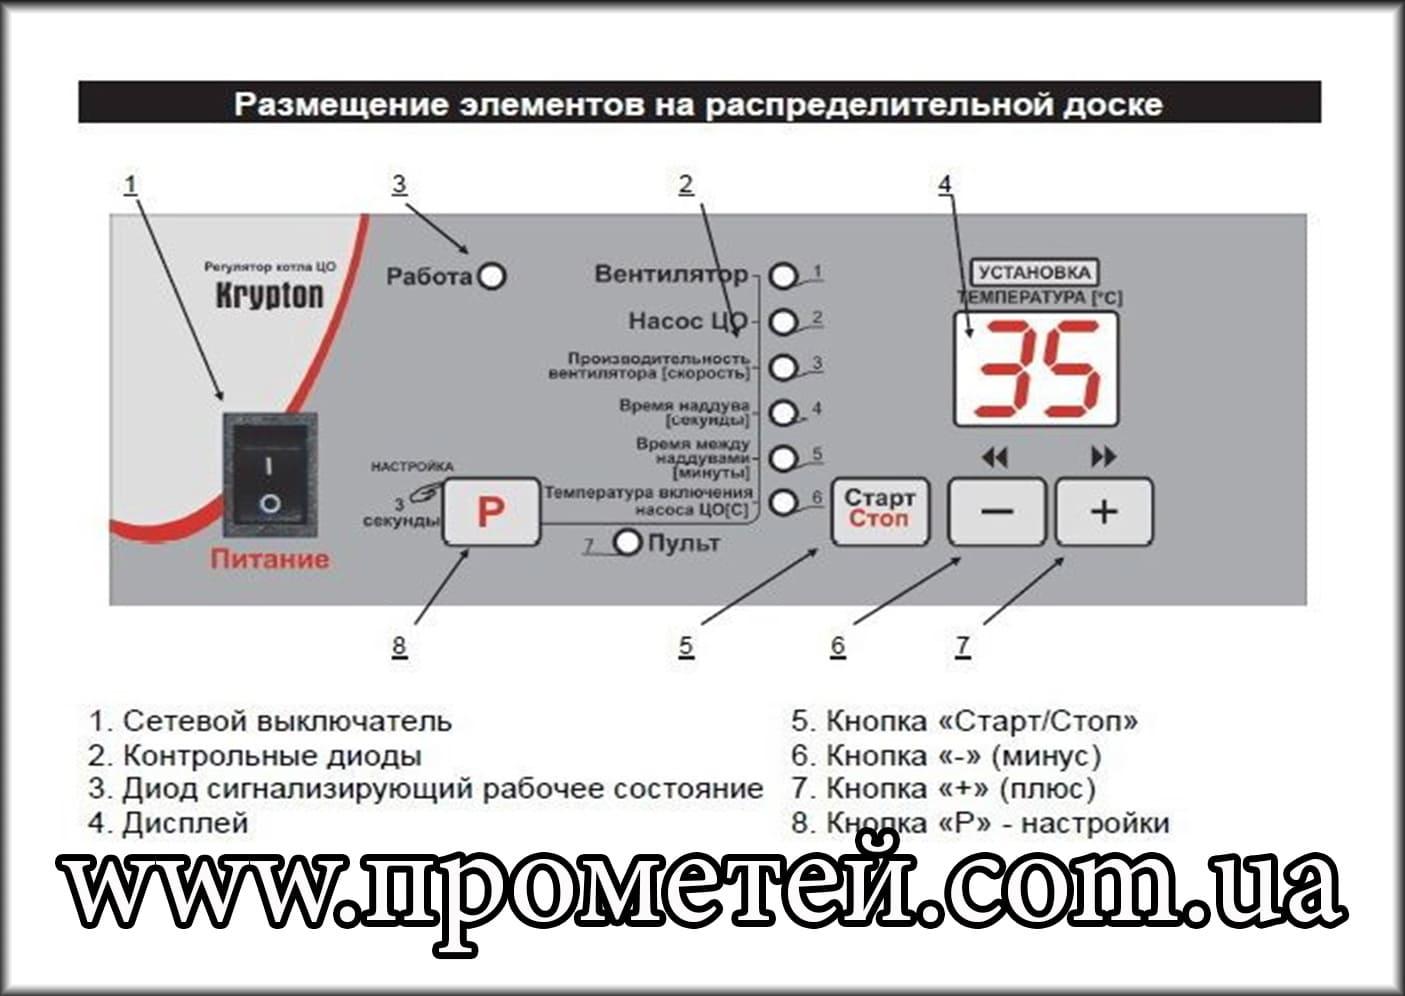 Размещение элементов на панели управления блока Пронд Криптон